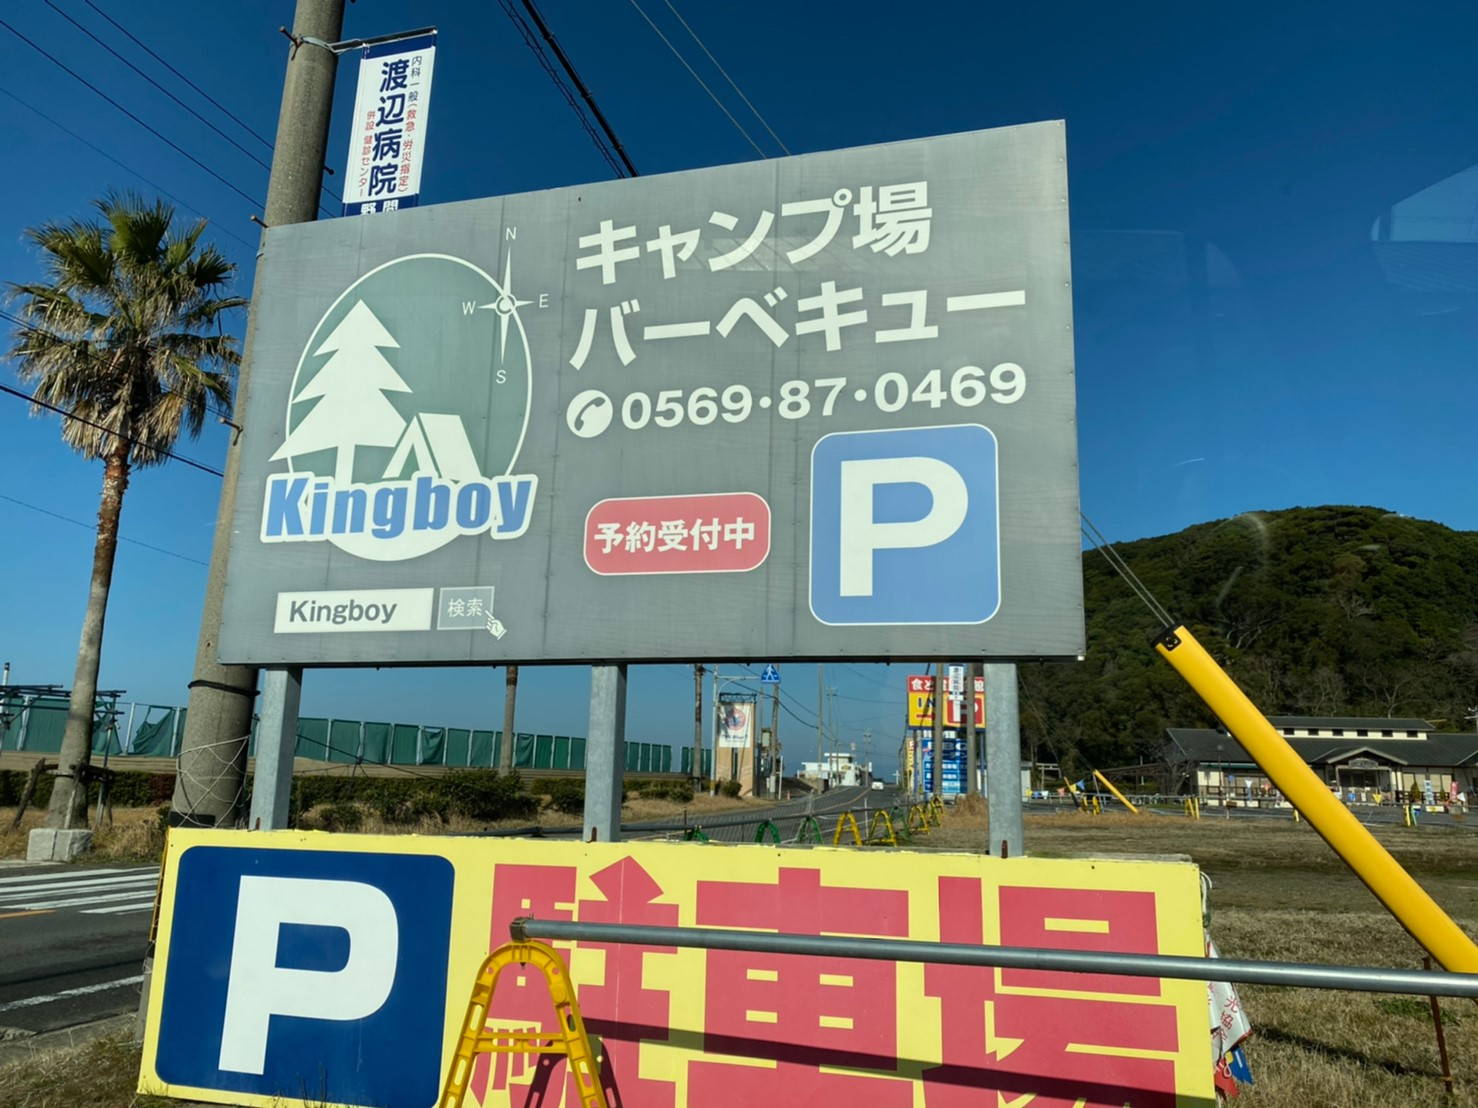 【海のそば!愛知県】『東海ビーチアウトドアキャンプ場 森の少年王子』の情報まとめ(駐車場・トイレ)